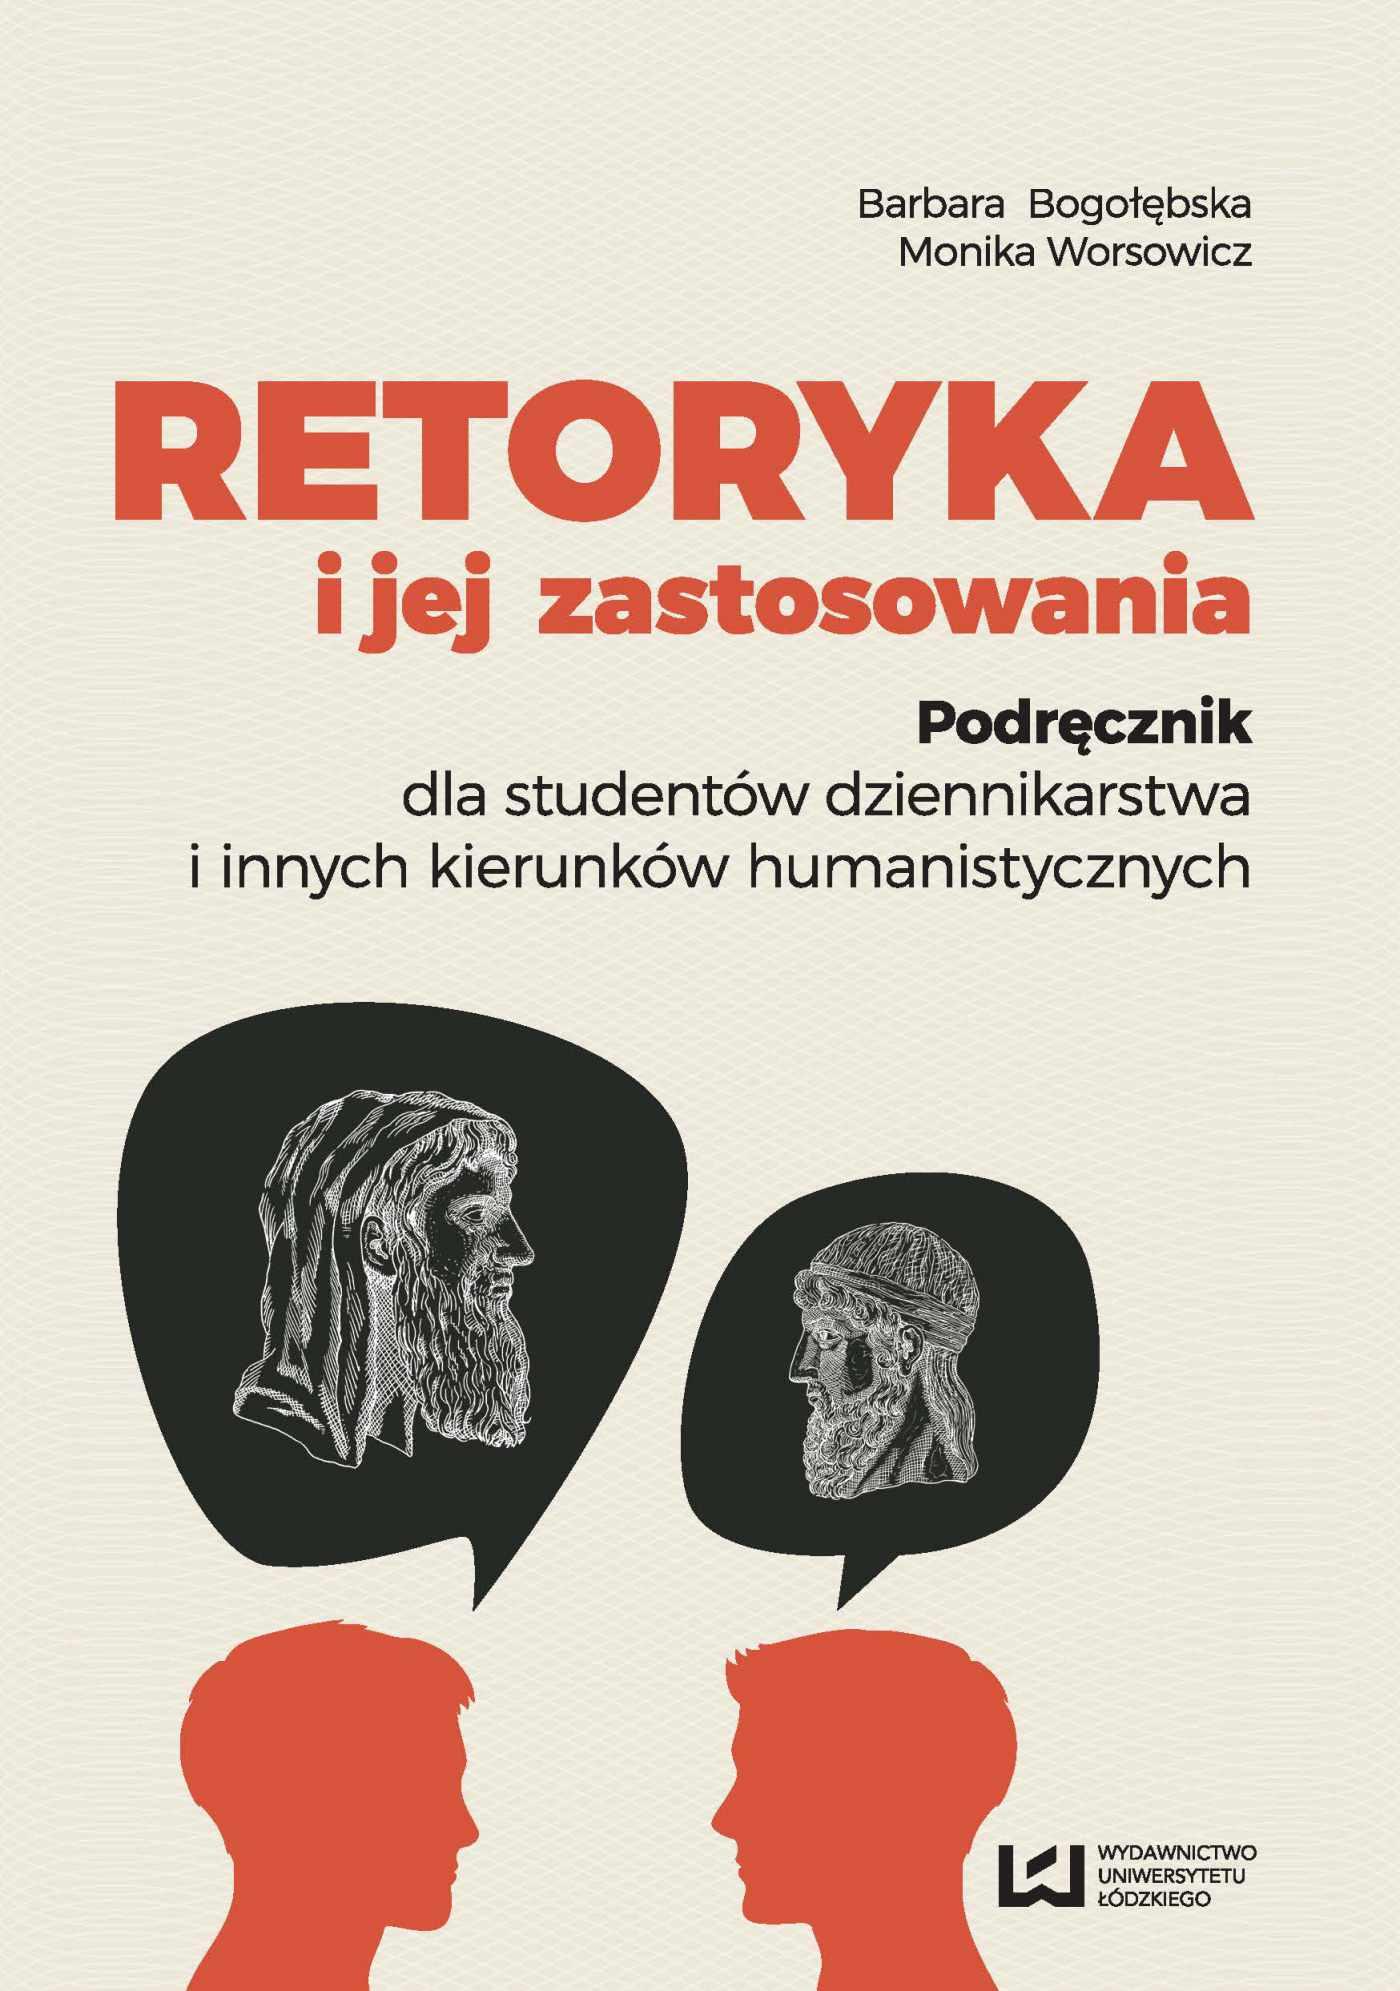 Retoryka i jej zastosowania. Podręcznik dla studentów dziennikarstwa i innych kierunków humanistycznych - Ebook (Książka PDF) do pobrania w formacie PDF